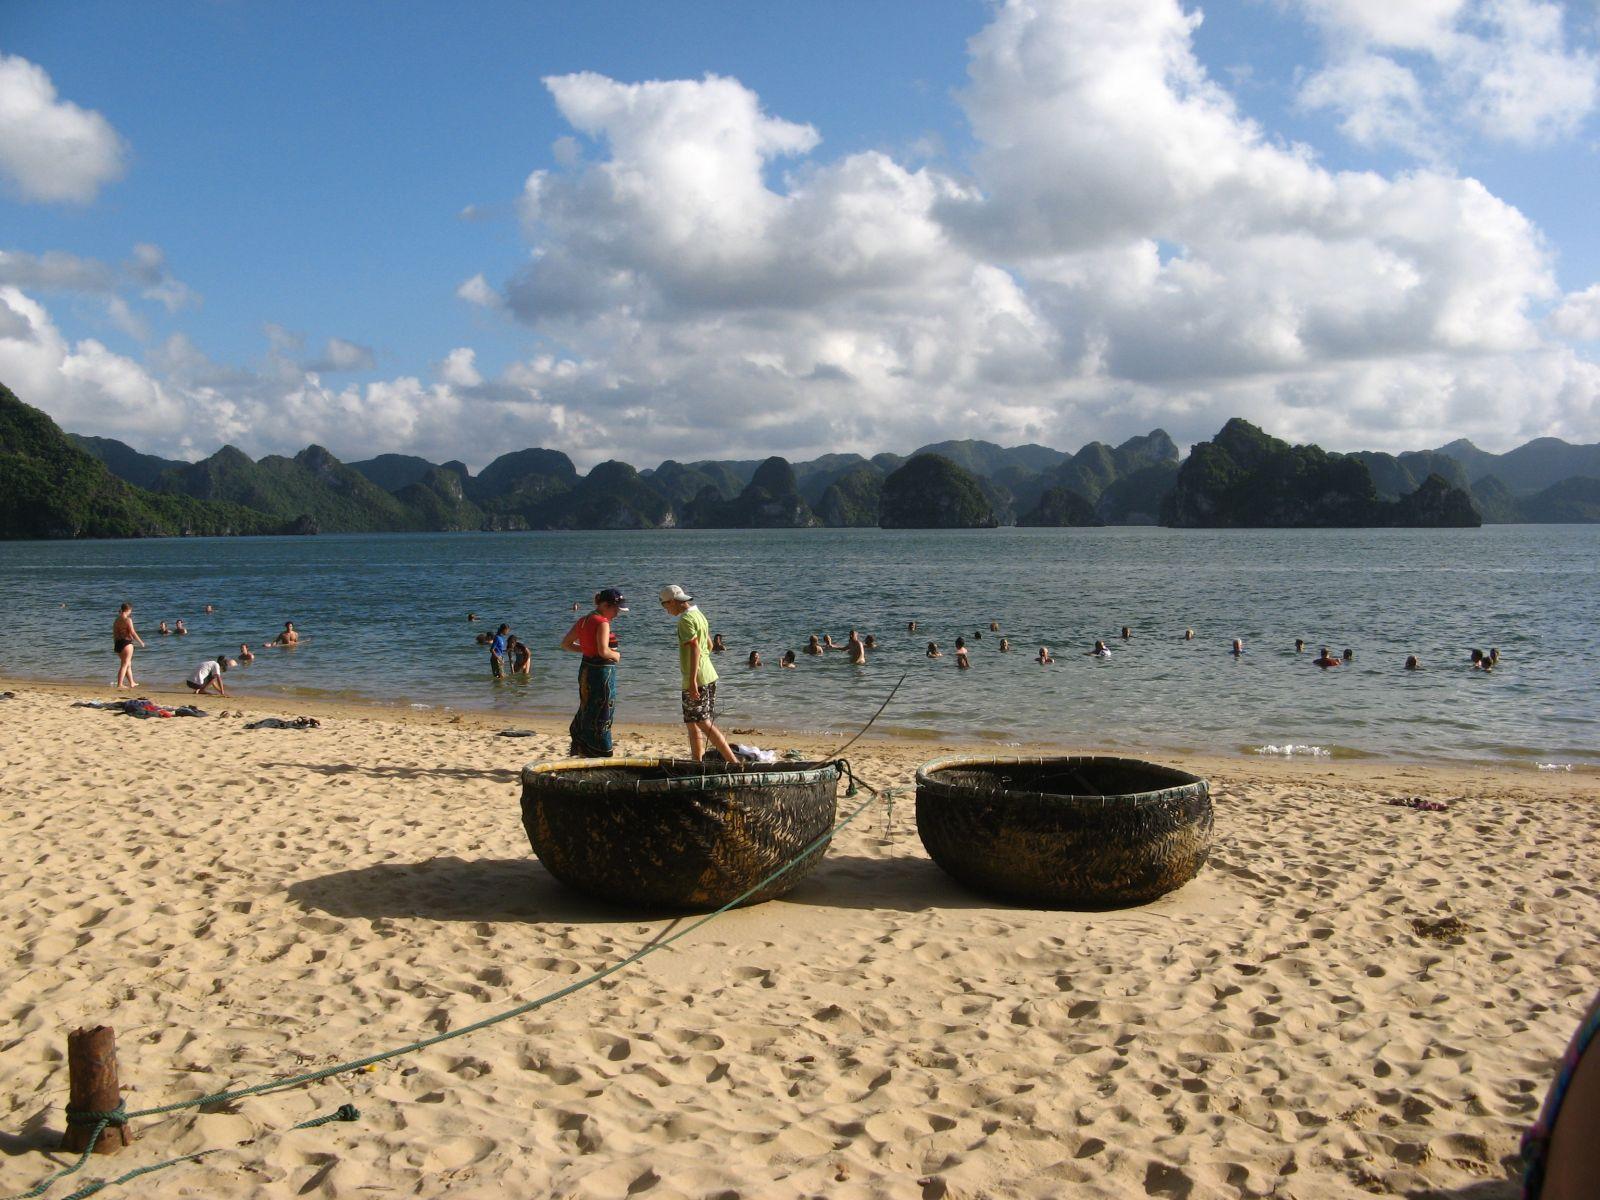 Plaža južnokineskog mora